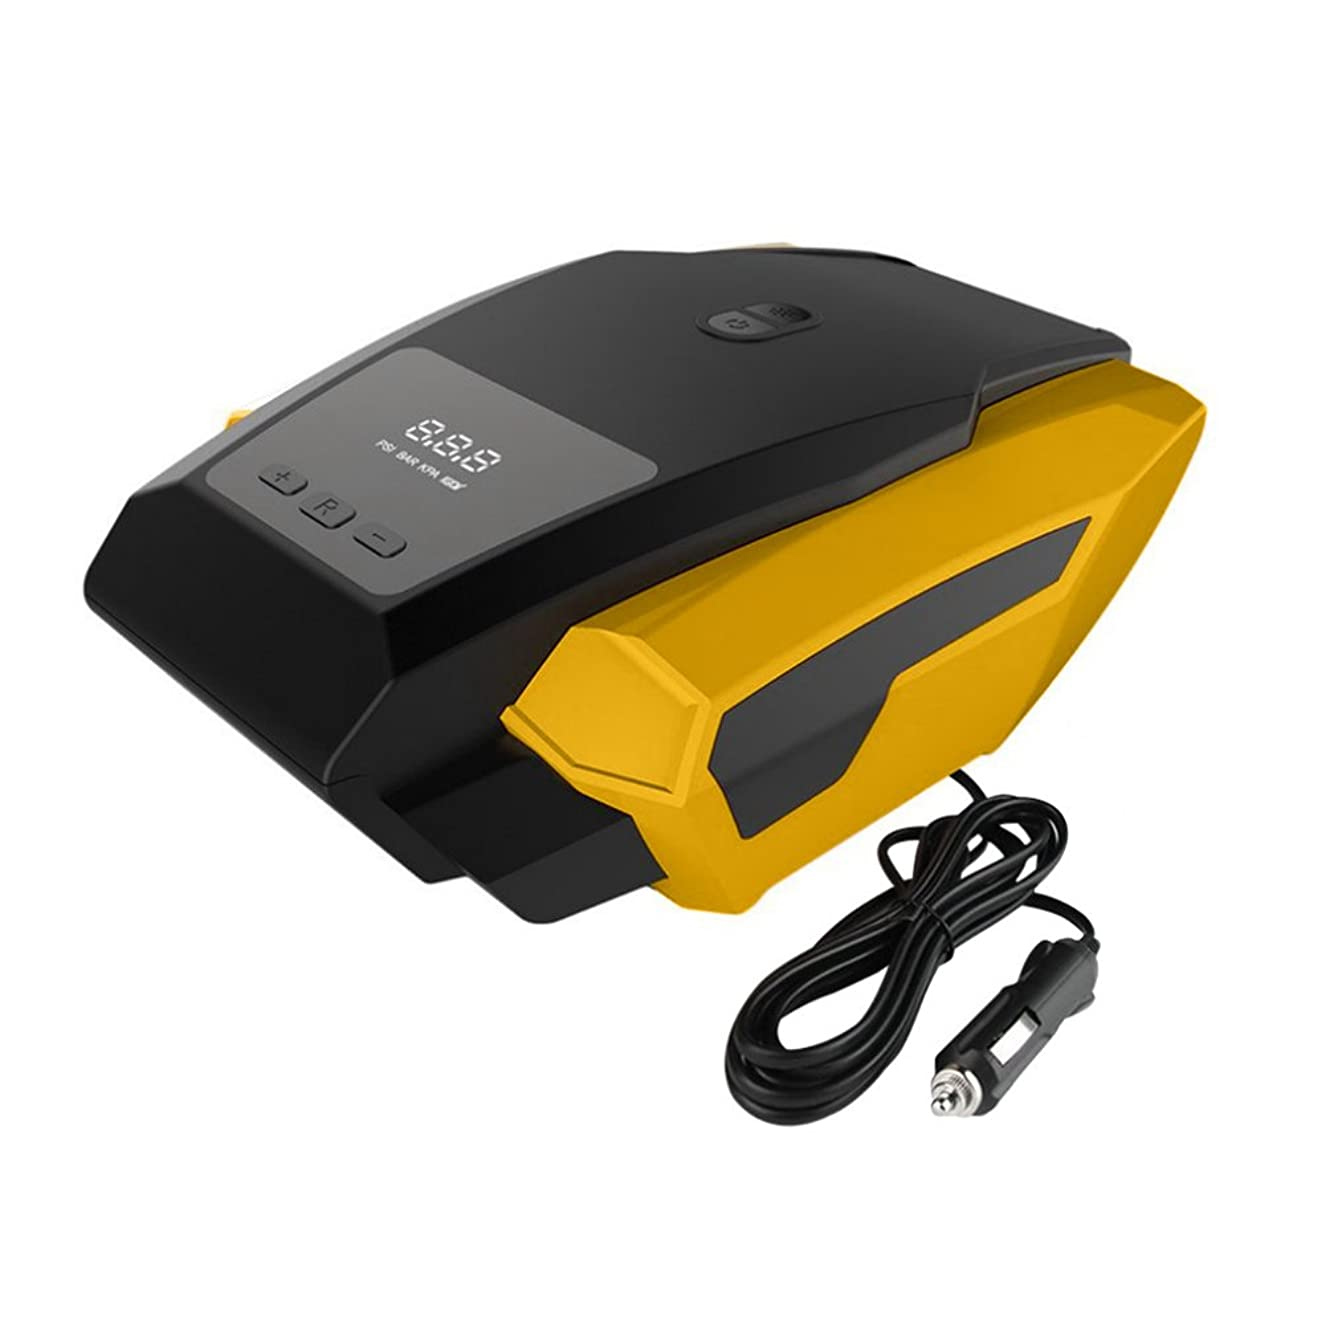 メンタル商標ドックSemoic 車LEDデジタルディスプレイ空気コンプレッサー携帯可能インフレータブルポンプ12V 自動車タイヤ高速インフレータミニ電気自動車用旅行ボート空気コンプレッサー工具